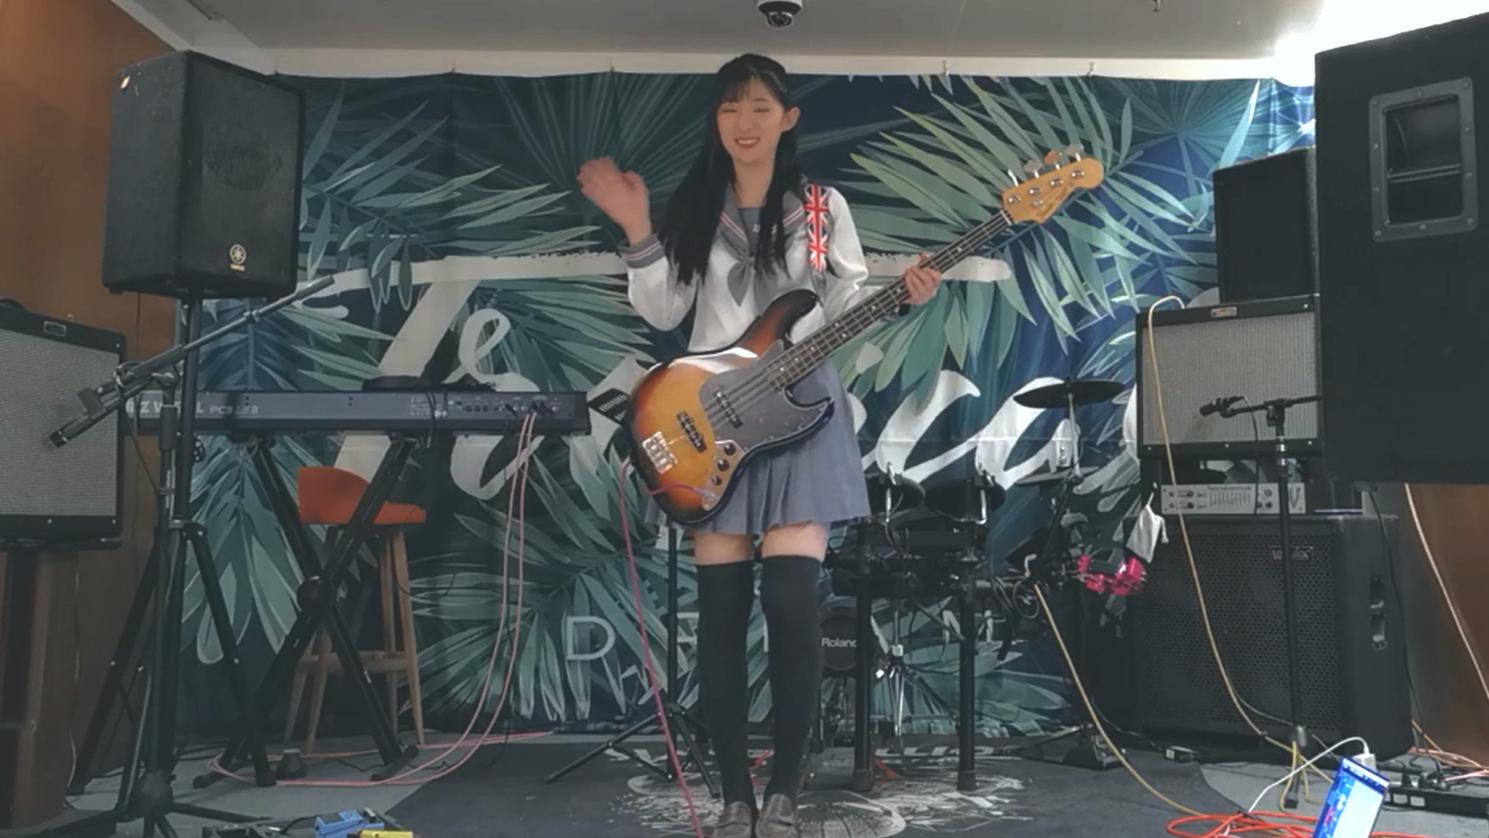 【阿琴】一人乐队!吉他贝斯架子鼓 轻音少女插曲わたしの恋はホッチキス(订书机之恋) cover